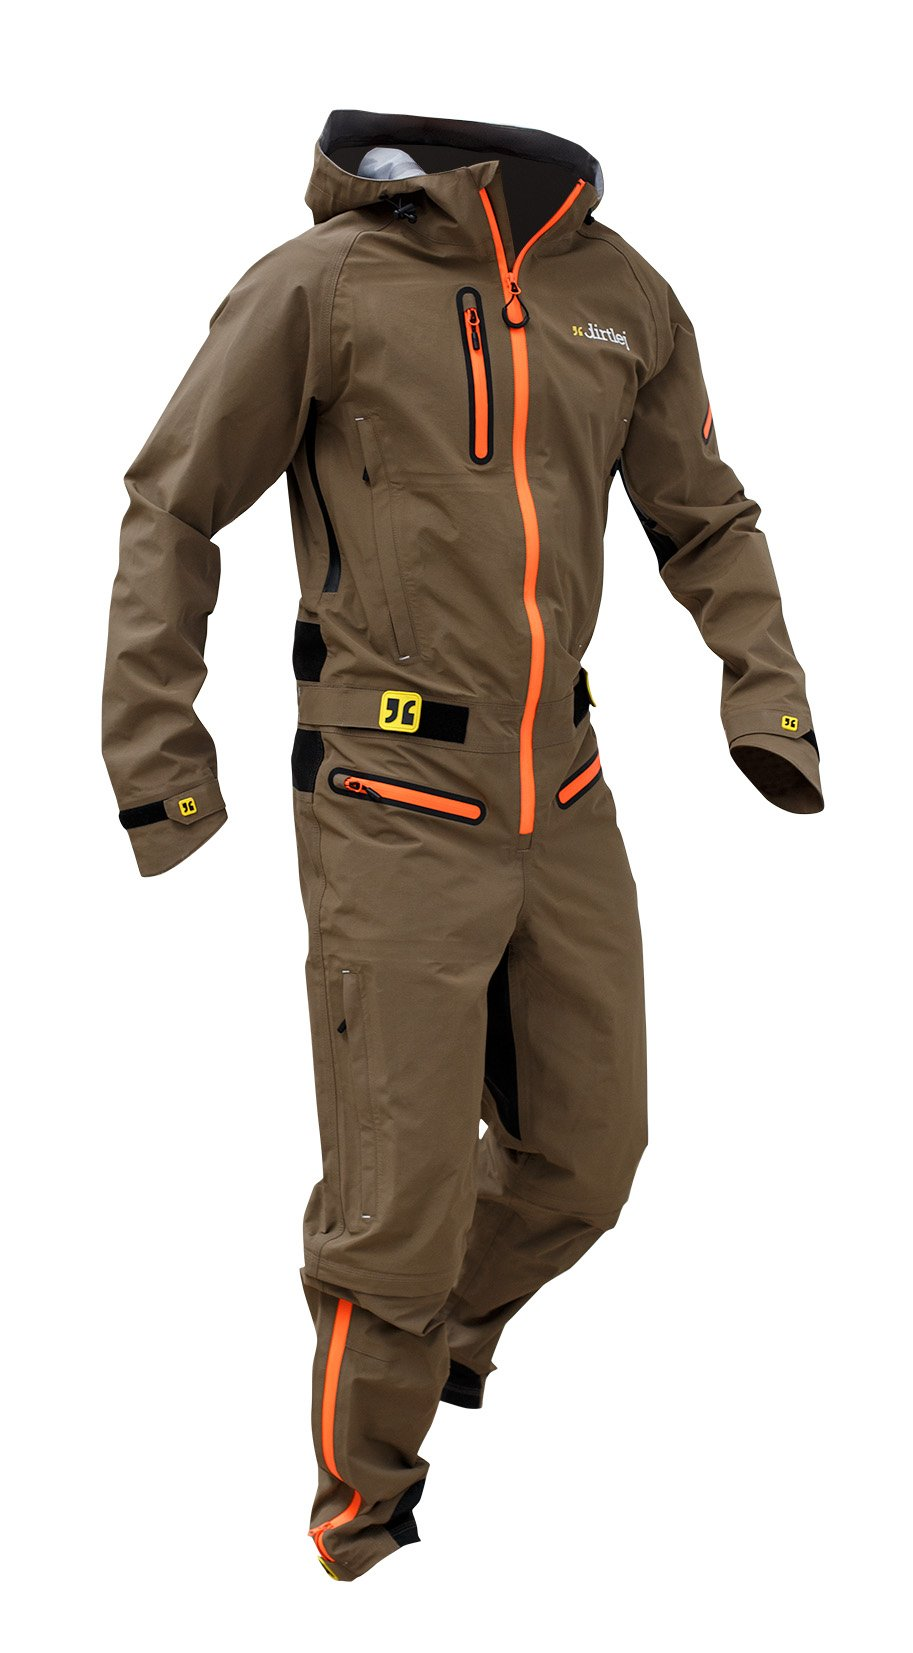 Dirtlej Dirtsuit Core Edition heldragt med lange ben sandfarvet | Jackets